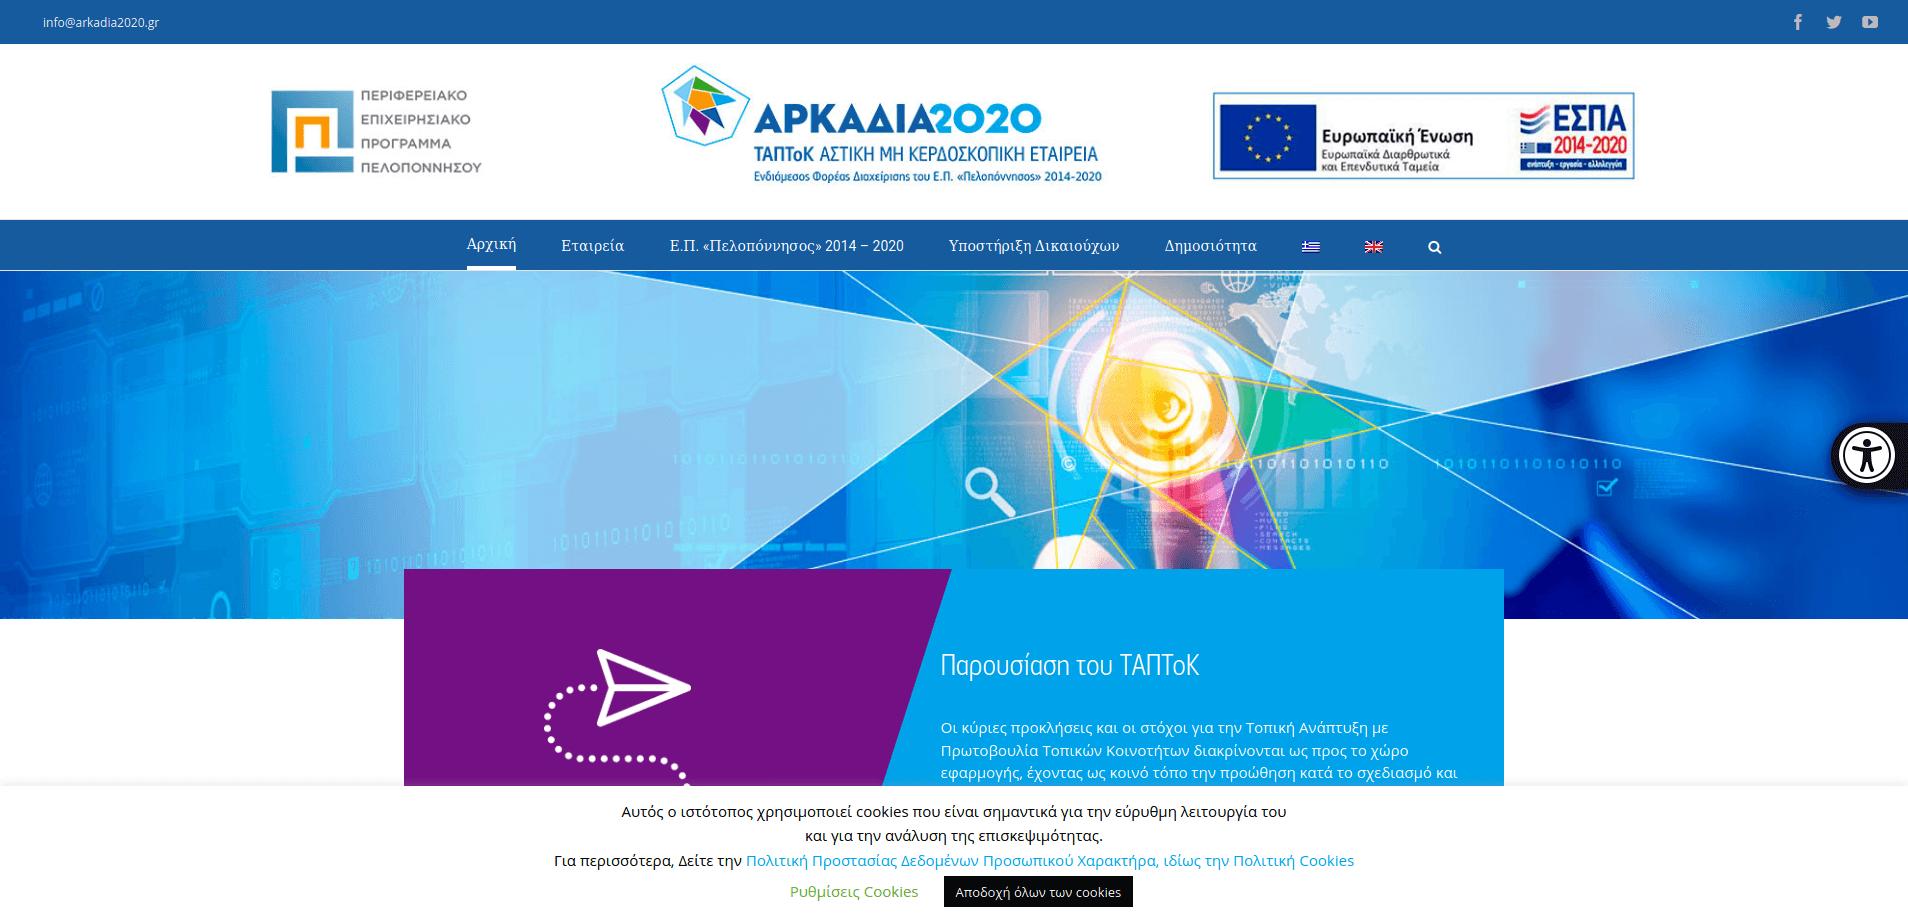 Μπάρα Προσβασιμότητας ΑμεΑ Eucleides - Ιστοσελίδες κατάλληλες για ΑμεΑ σύμφωνα με το πρότυπο WCAG 2.0 - Εγκατάσταση σε όλες τις πλατφόρμες ιστοτόπων - arkadia2020.gr